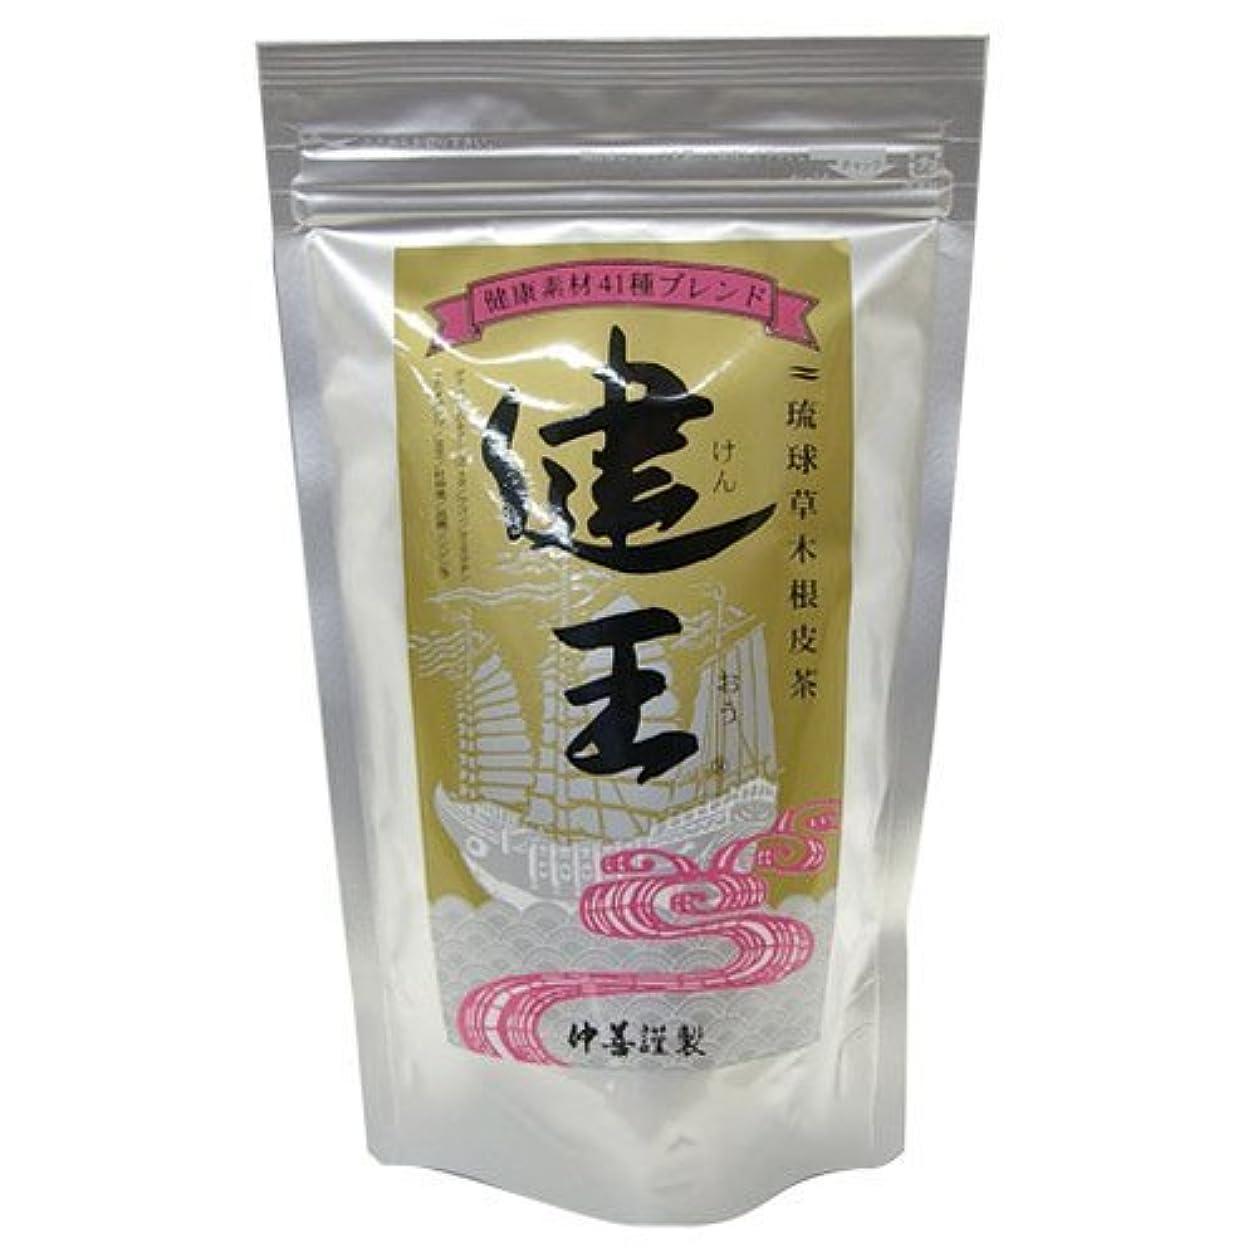 一般的にロボット劇的琉球草木根皮茶 健王 ティーバッグ 2g×30包